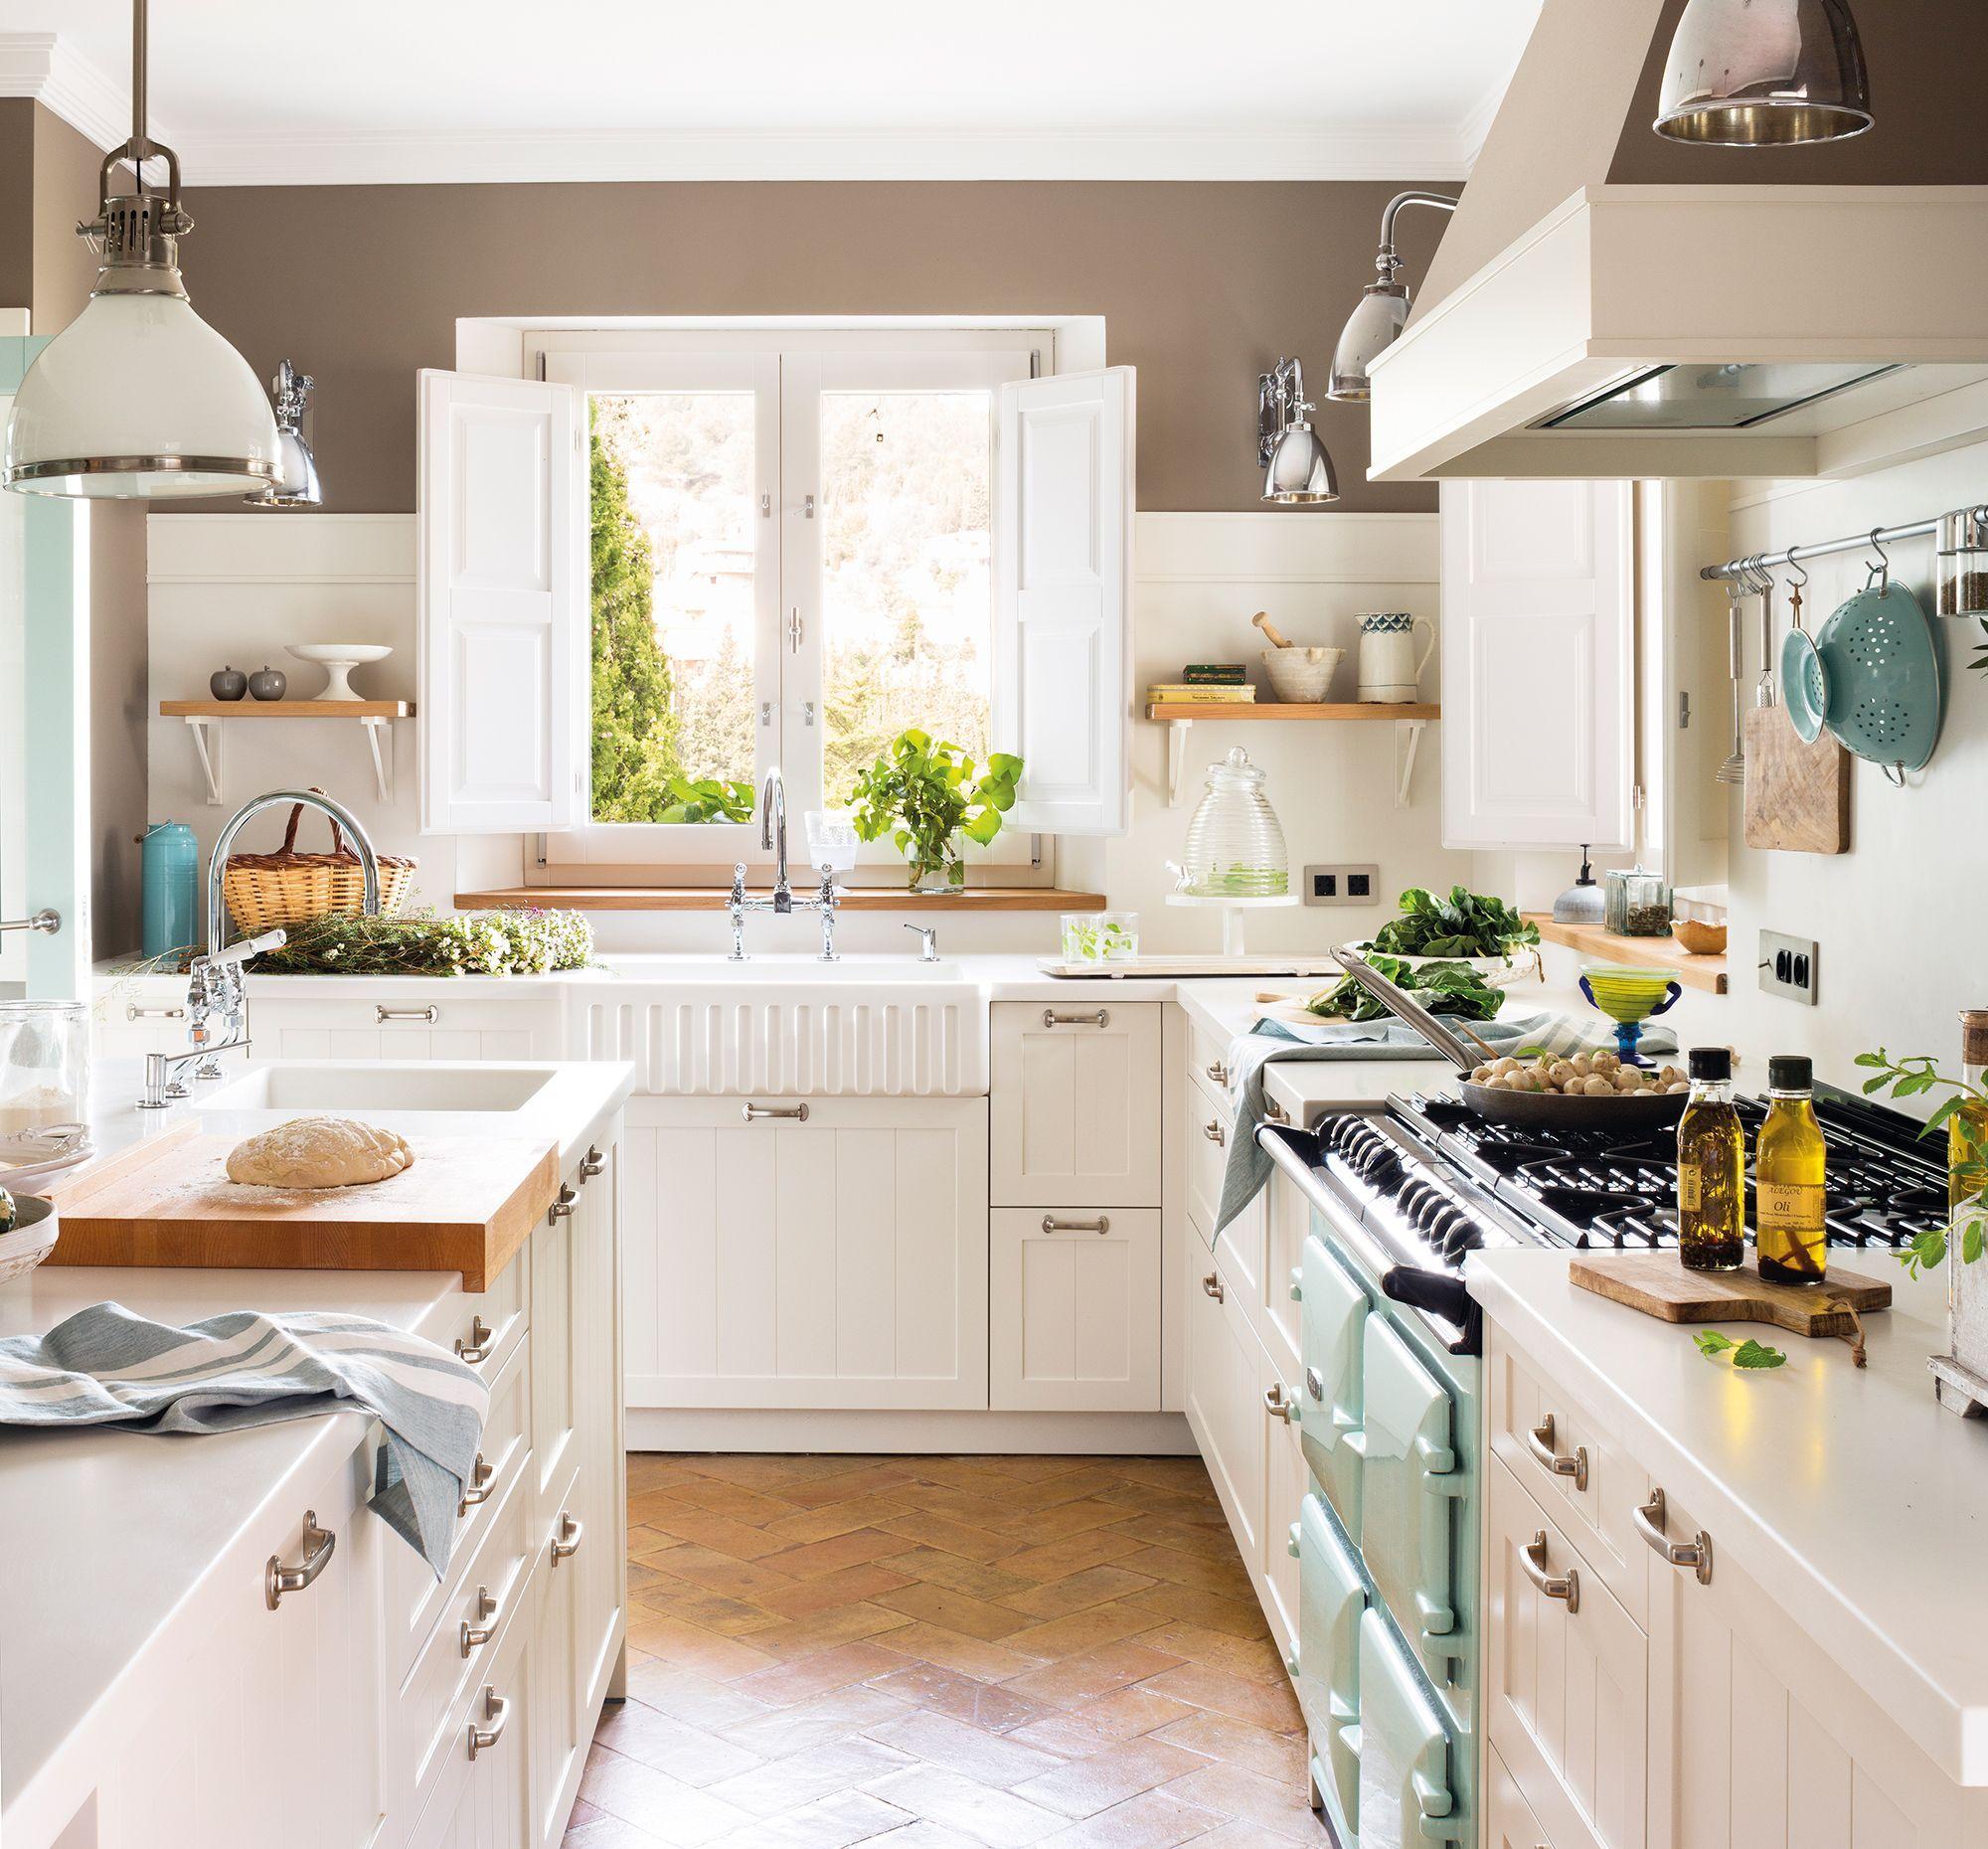 Cocina vintage con muebles blancos, pared piedra y detalles en verde ...